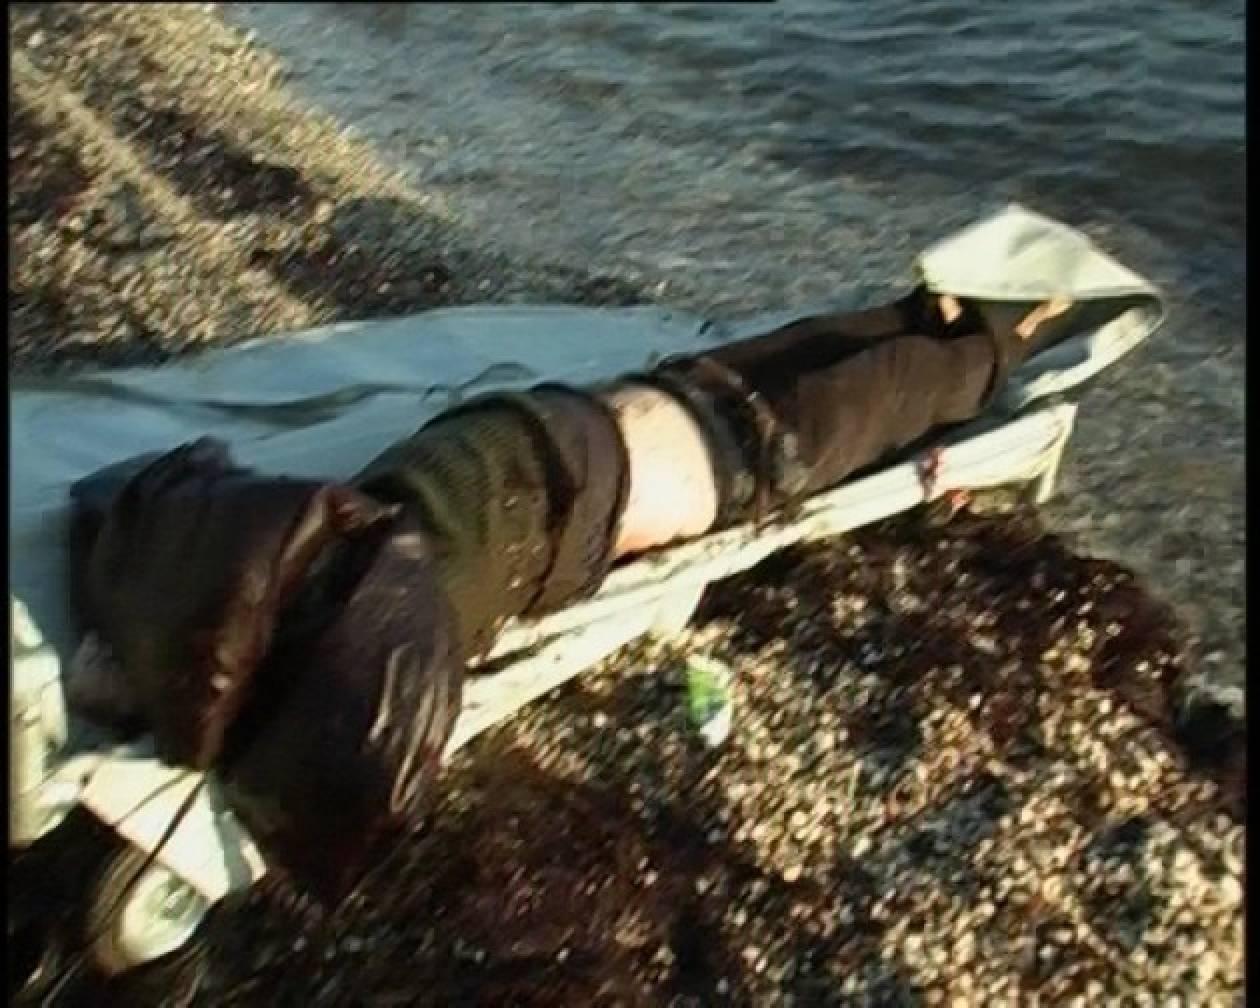 Τραγωδία στη Λέσβο: Η θάλασσα ξεβράζει πτώματα λαθρομεταναστών (ΦΩΤΟΣ)